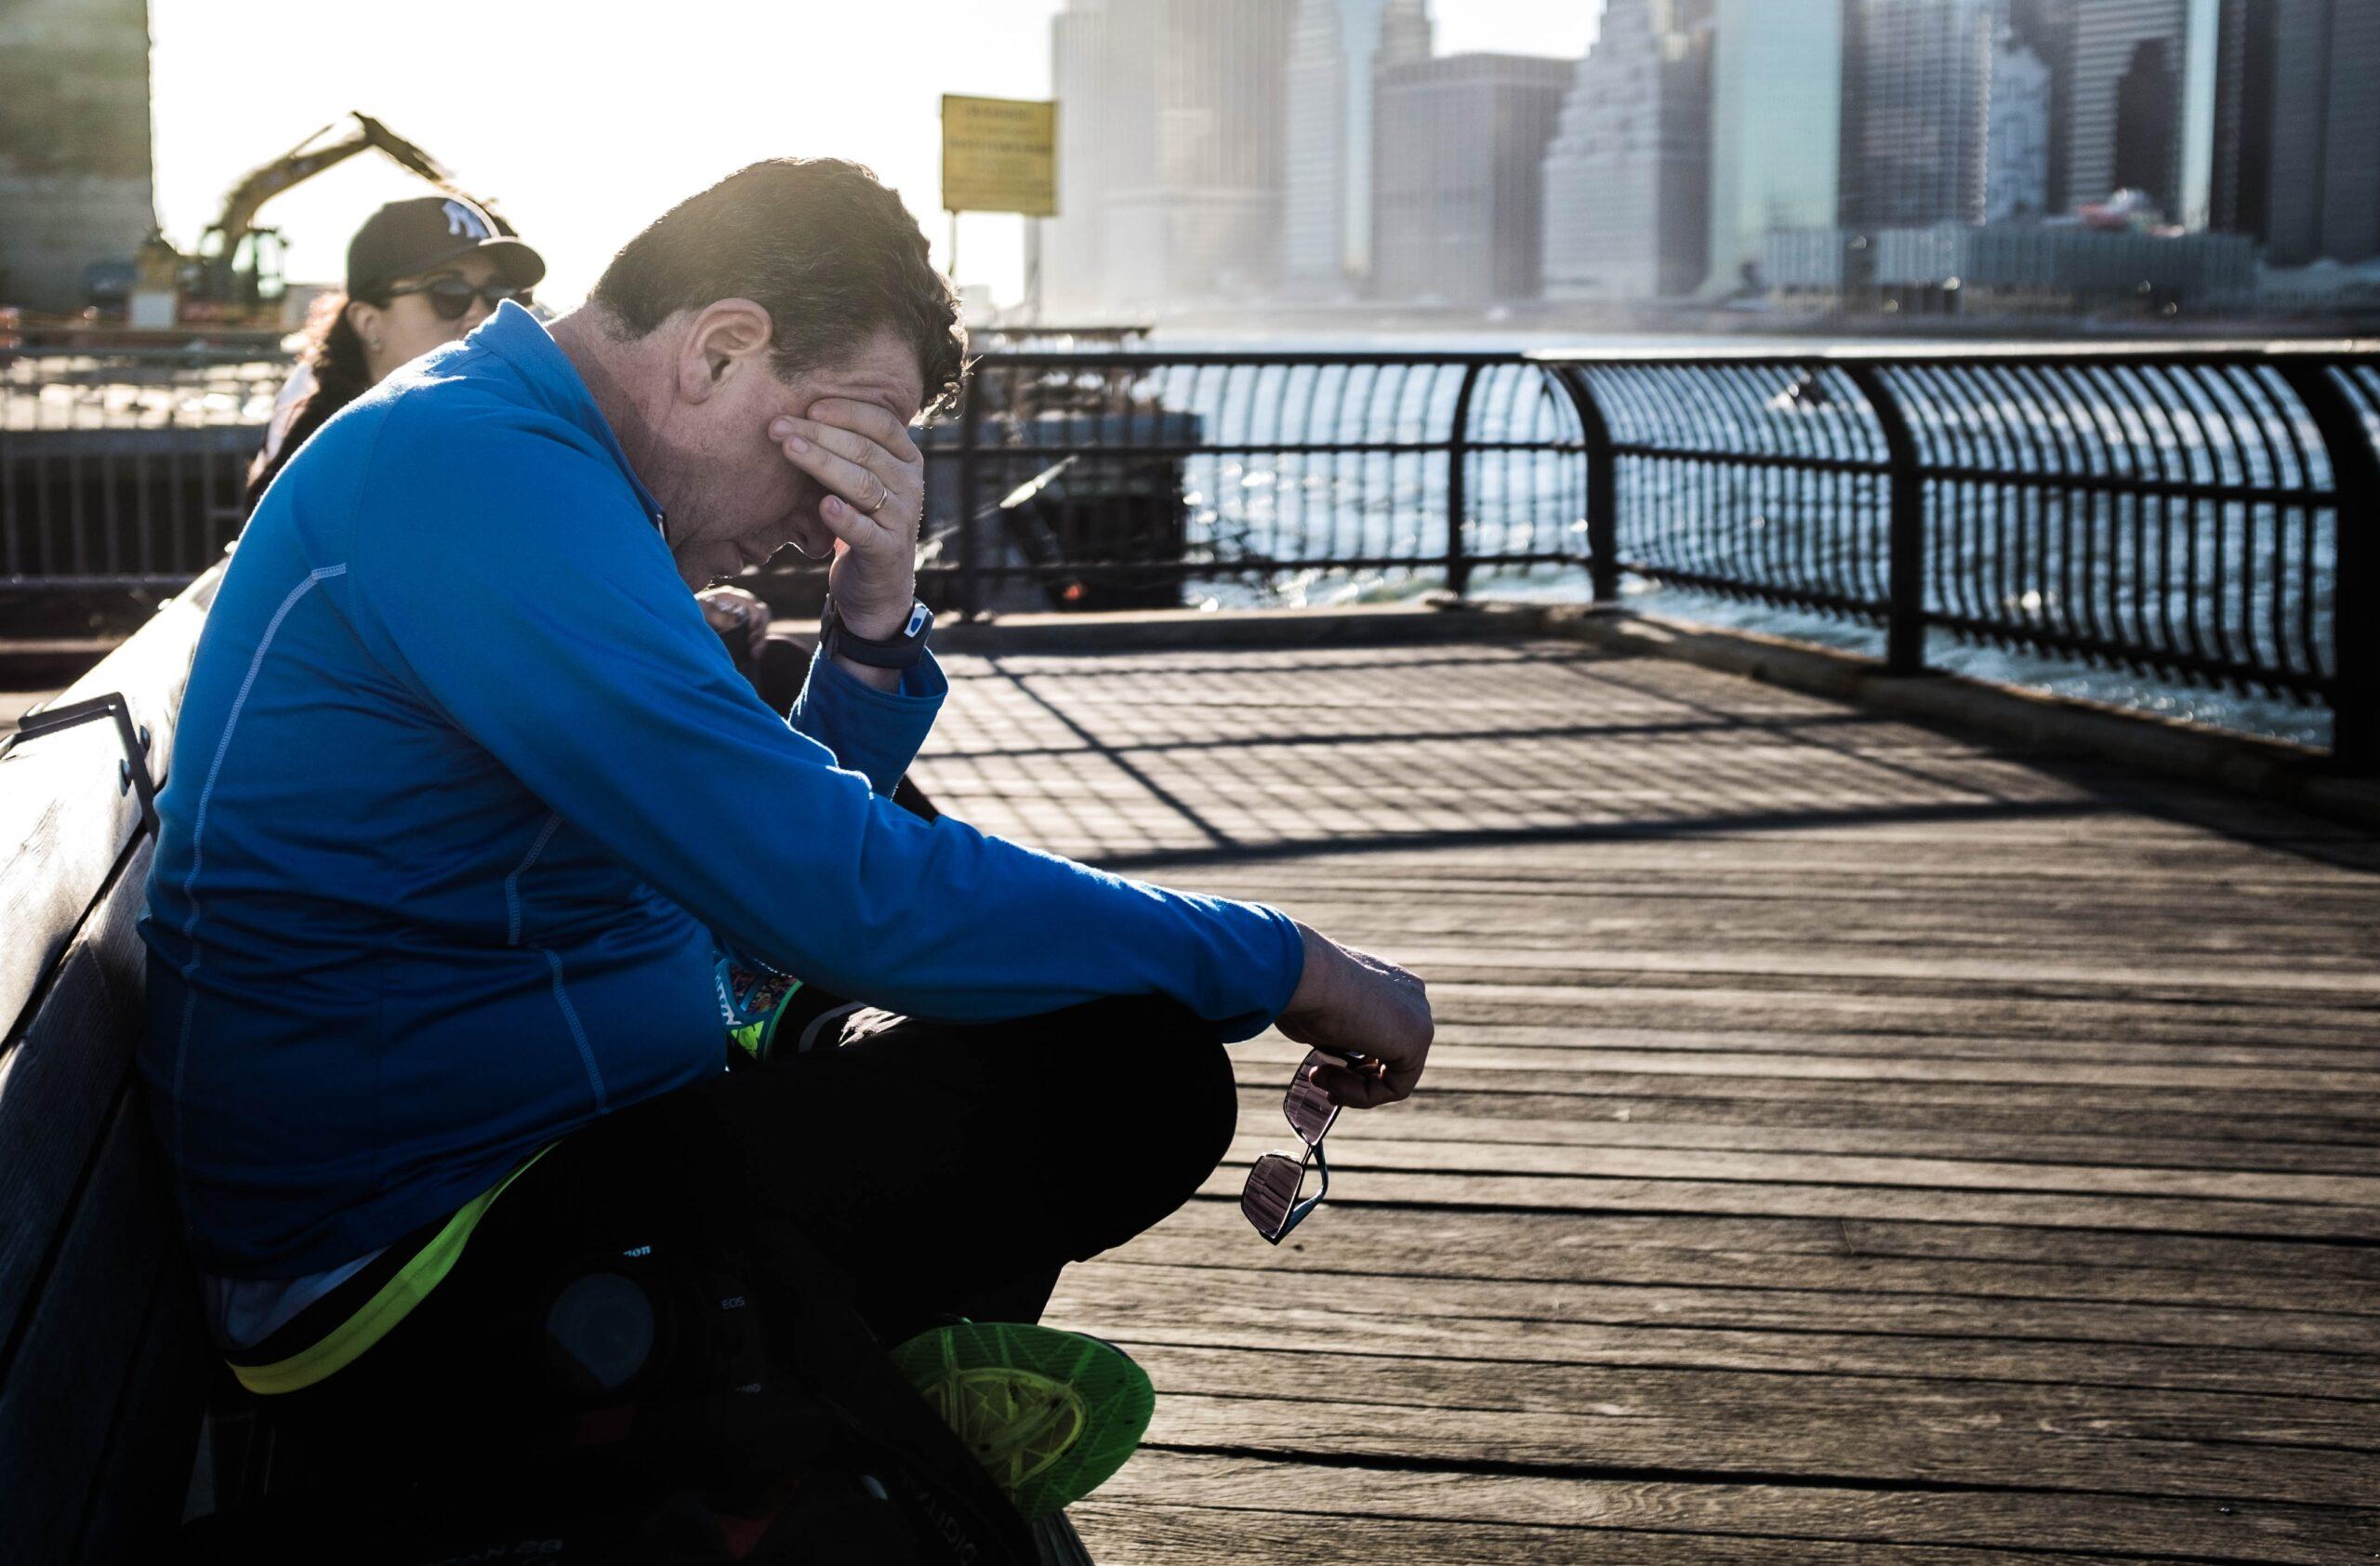 疲れに悩む発達障害の男性